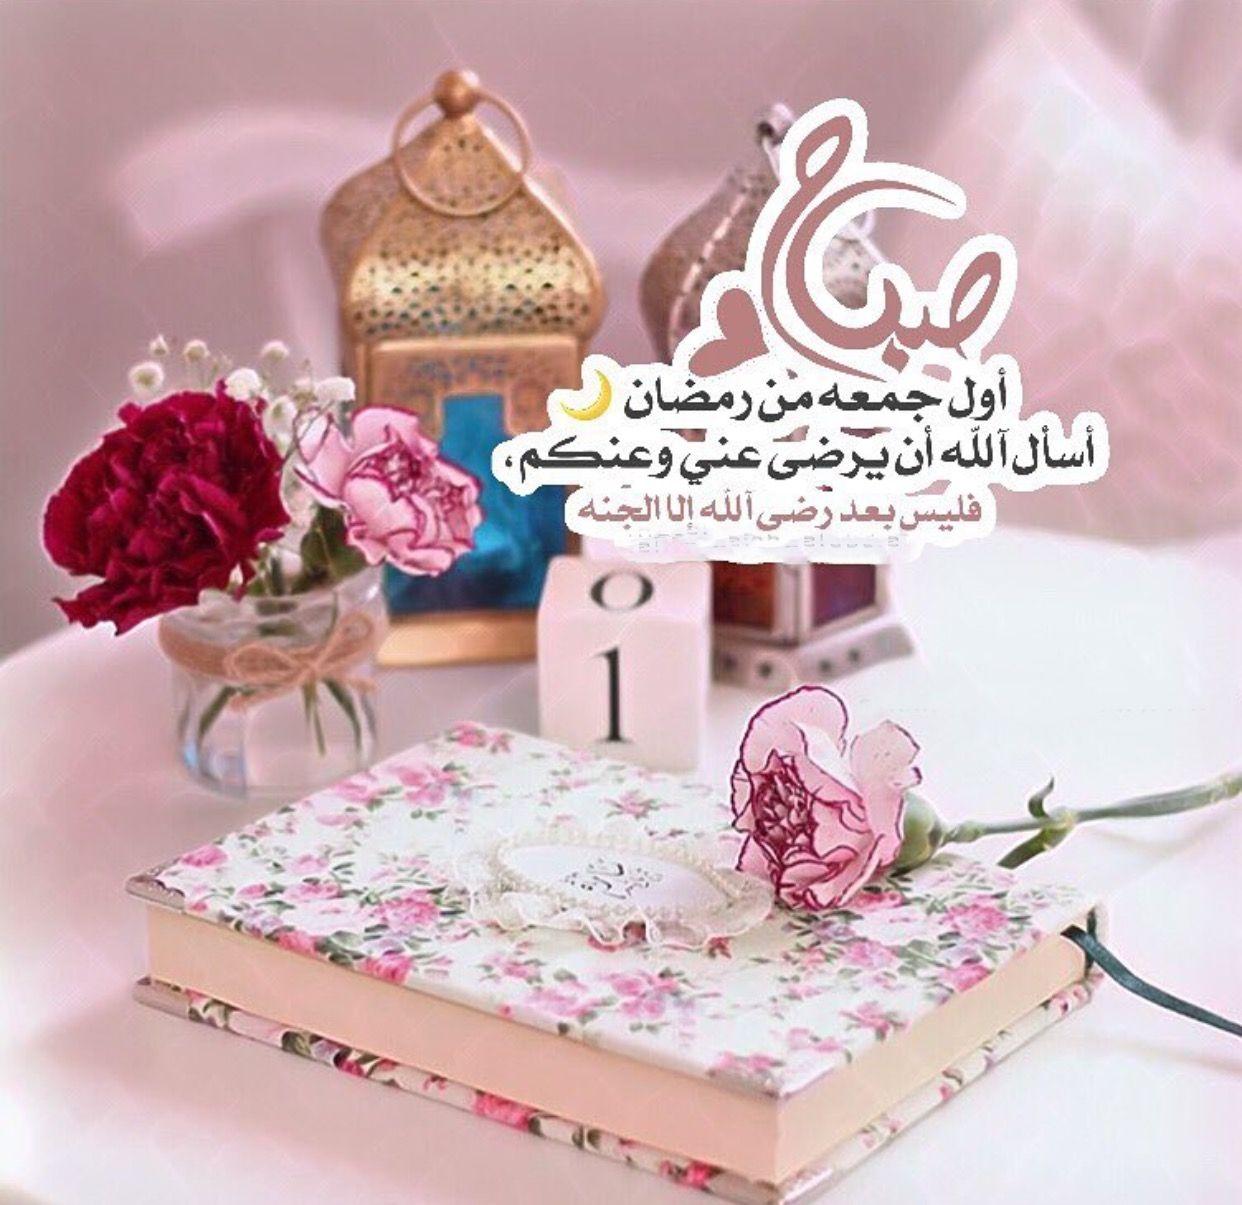 Pin By Haytham Mohamed On جمعة طيبة Ramadan Wishes Ramadan Prayer Ramadan Decorations